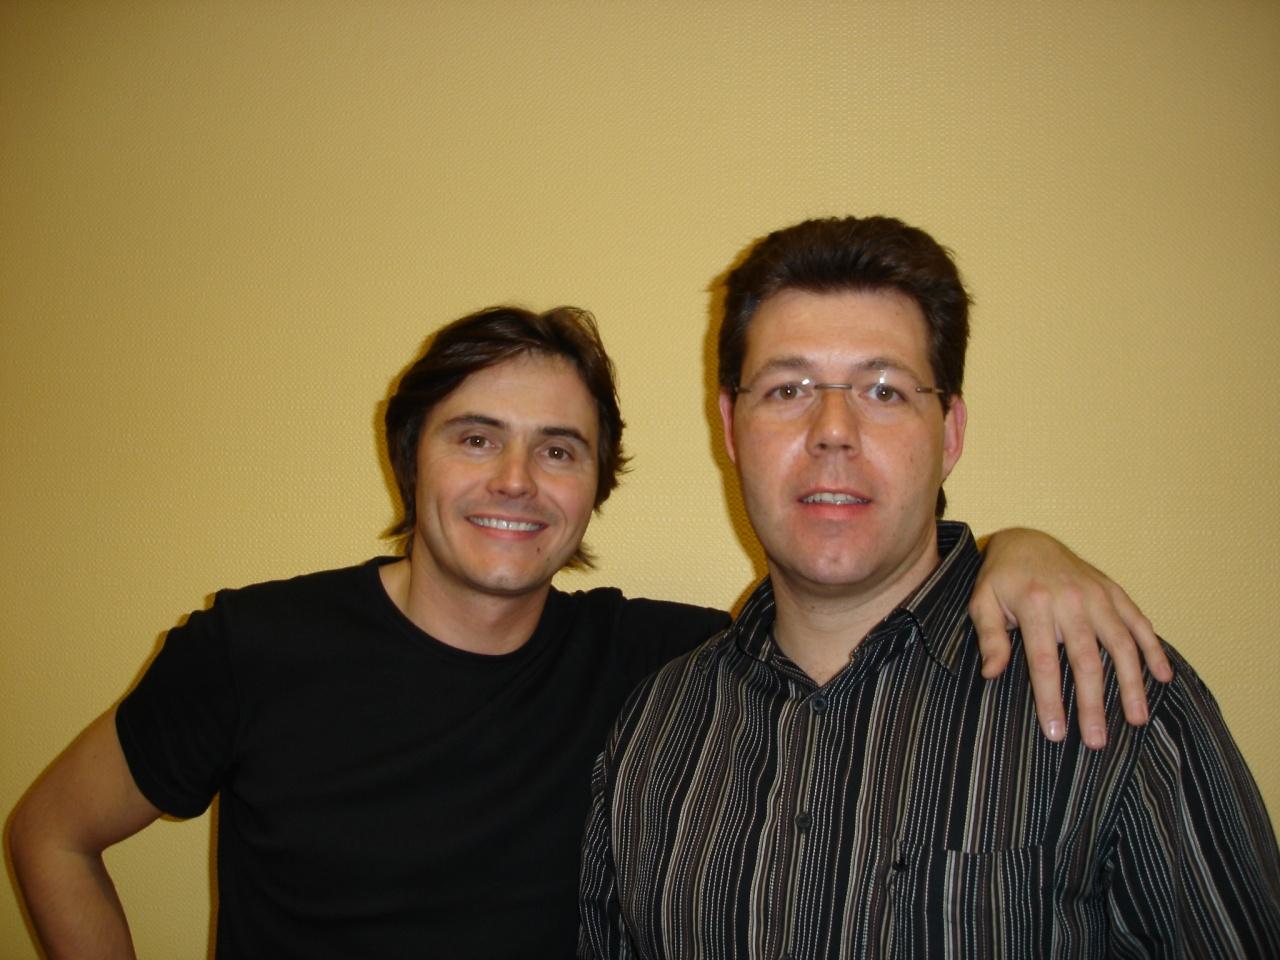 Anthony et David Stone